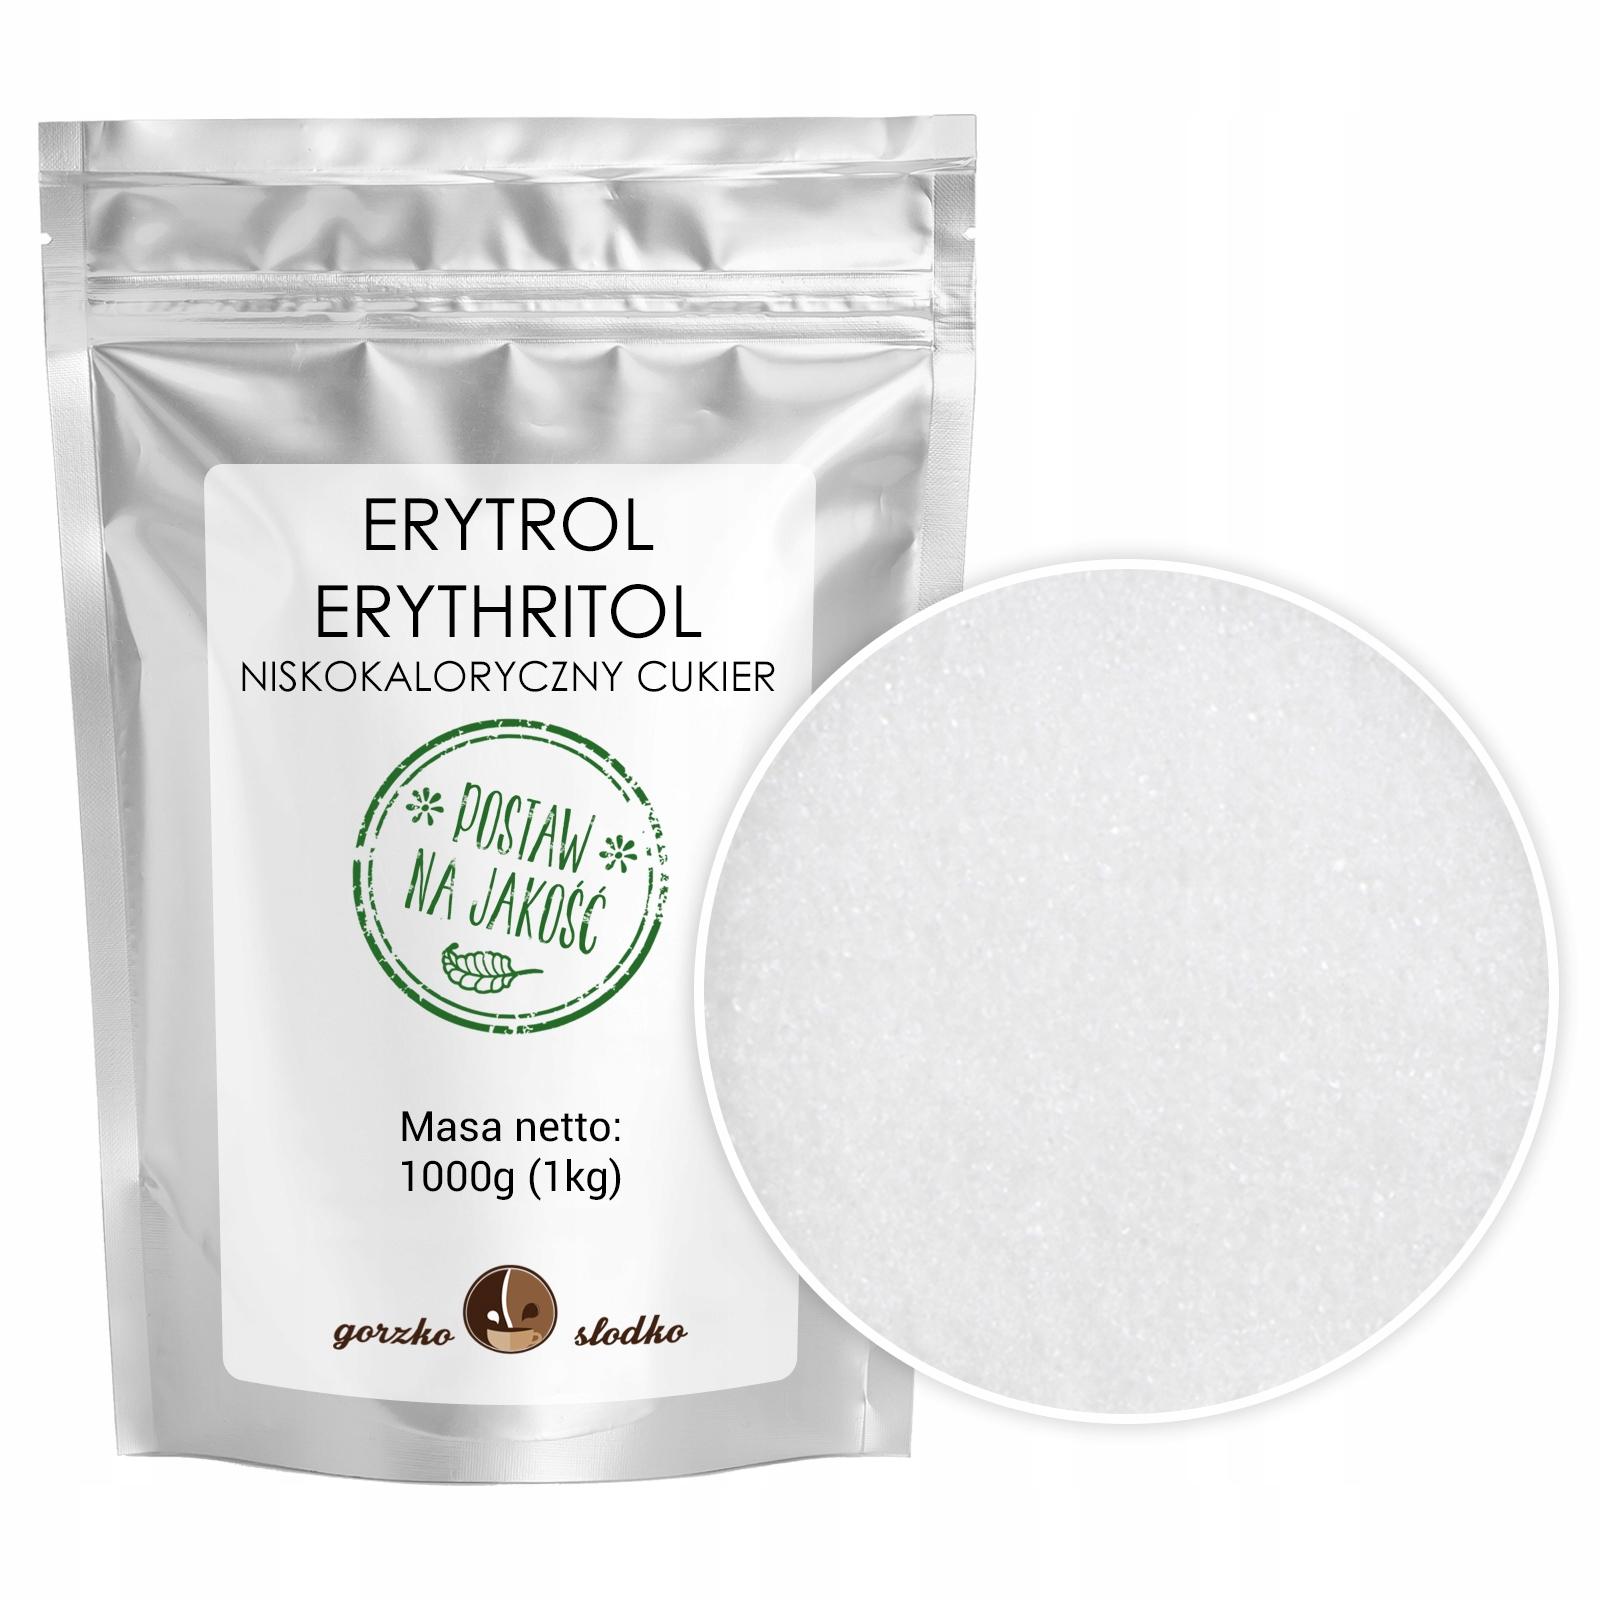 Item ERYTROL ERYTRYTOL natural sweetener 1kg